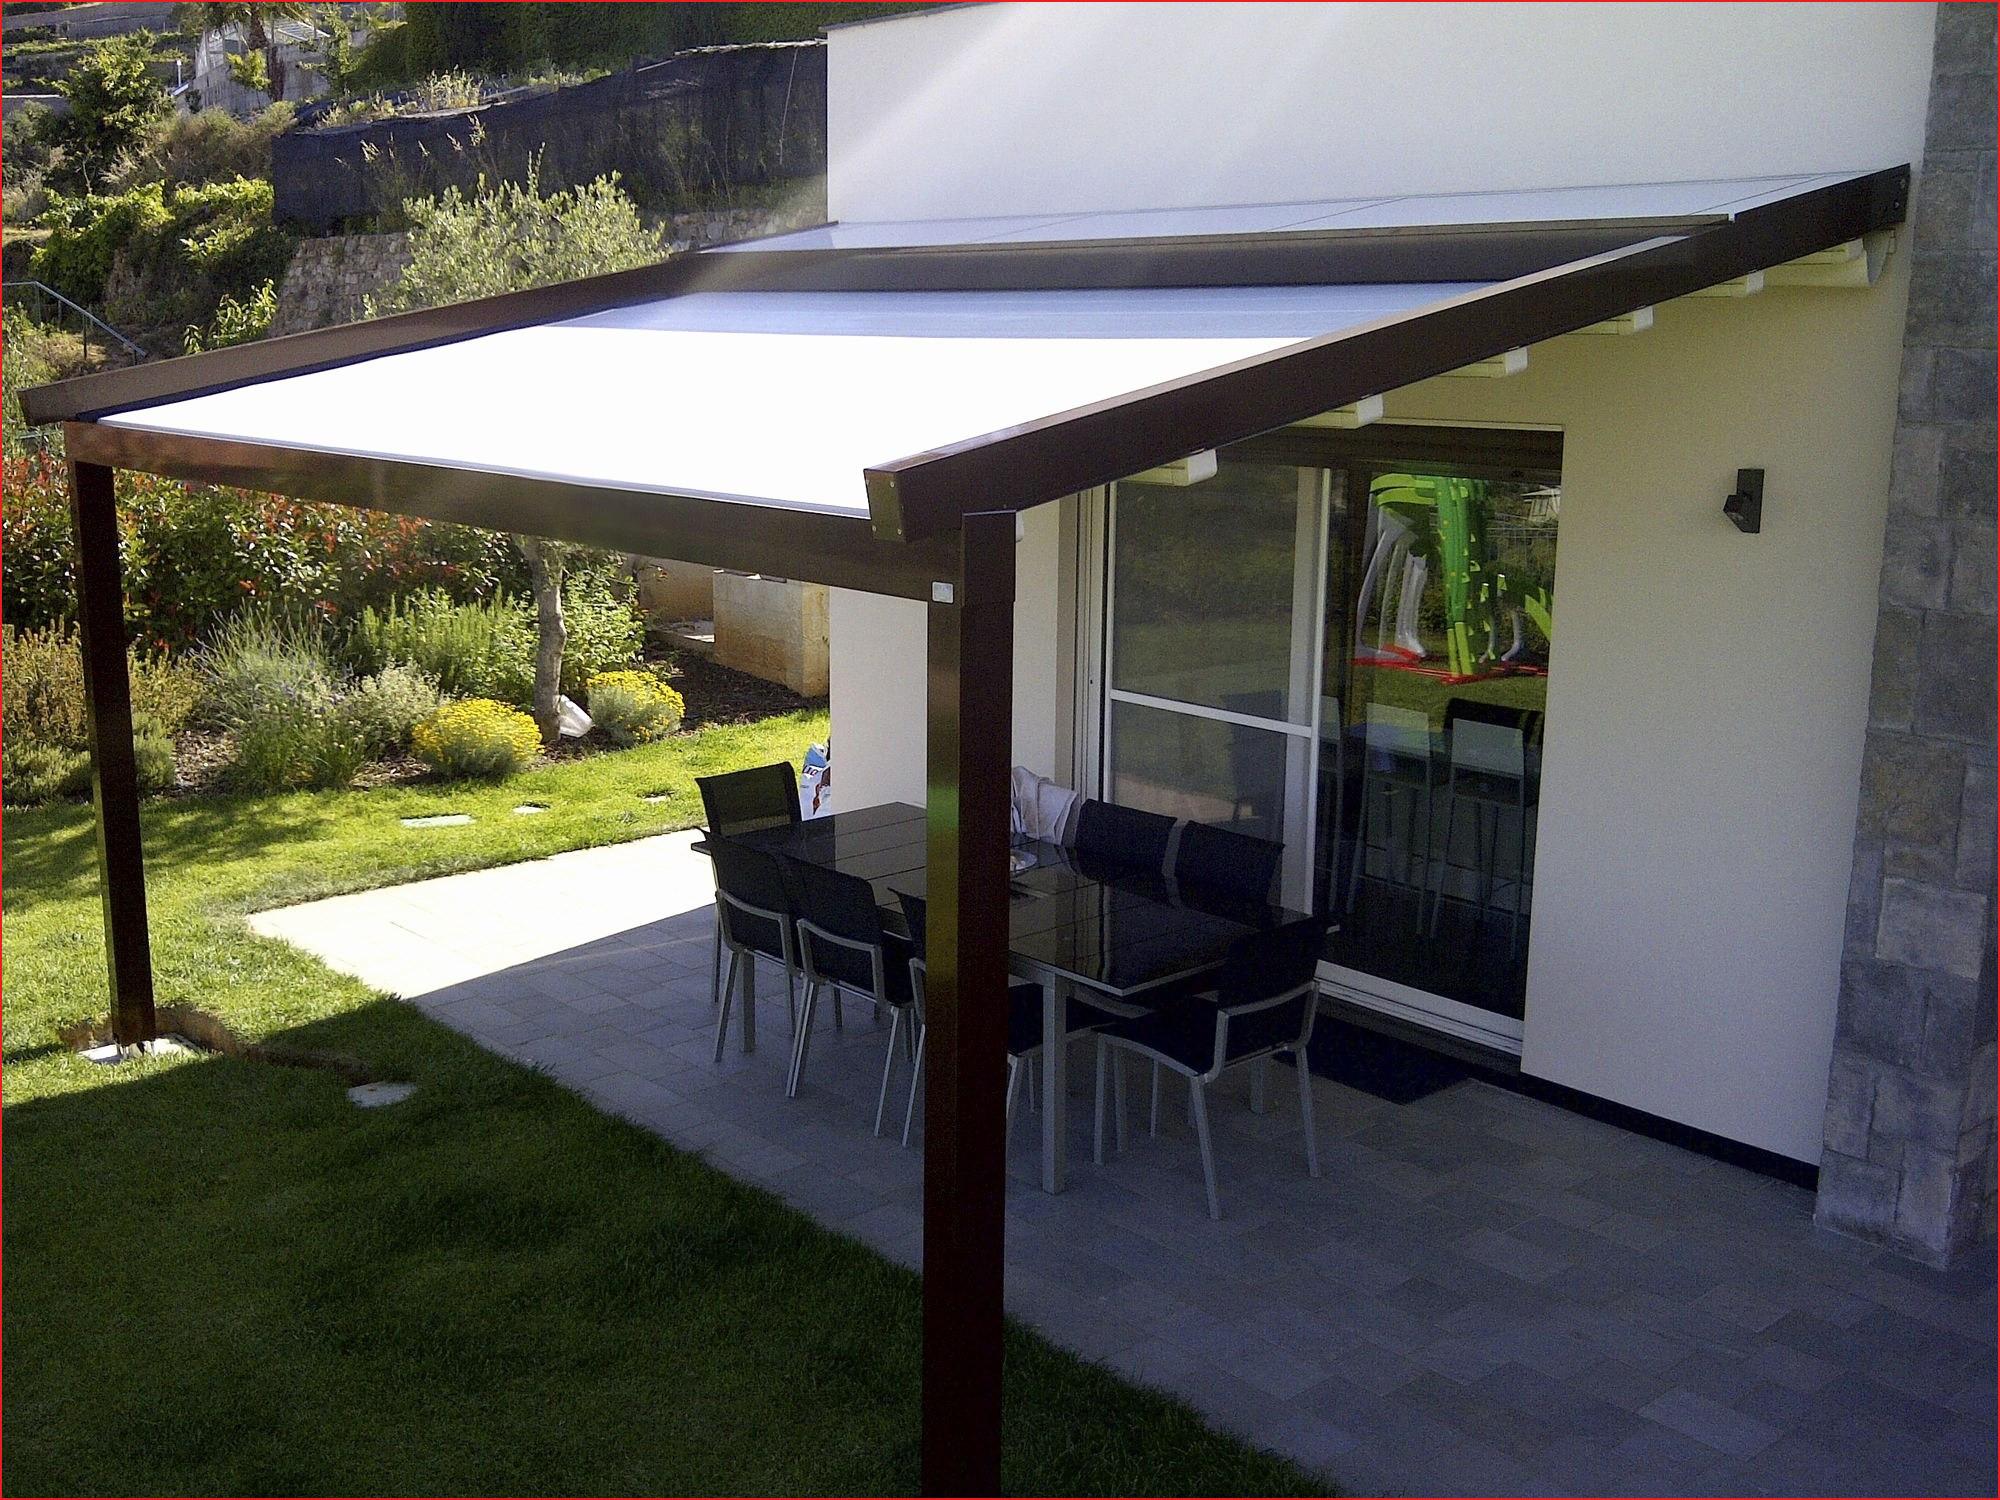 toile veranda toile d ombrage castorama of toile veranda